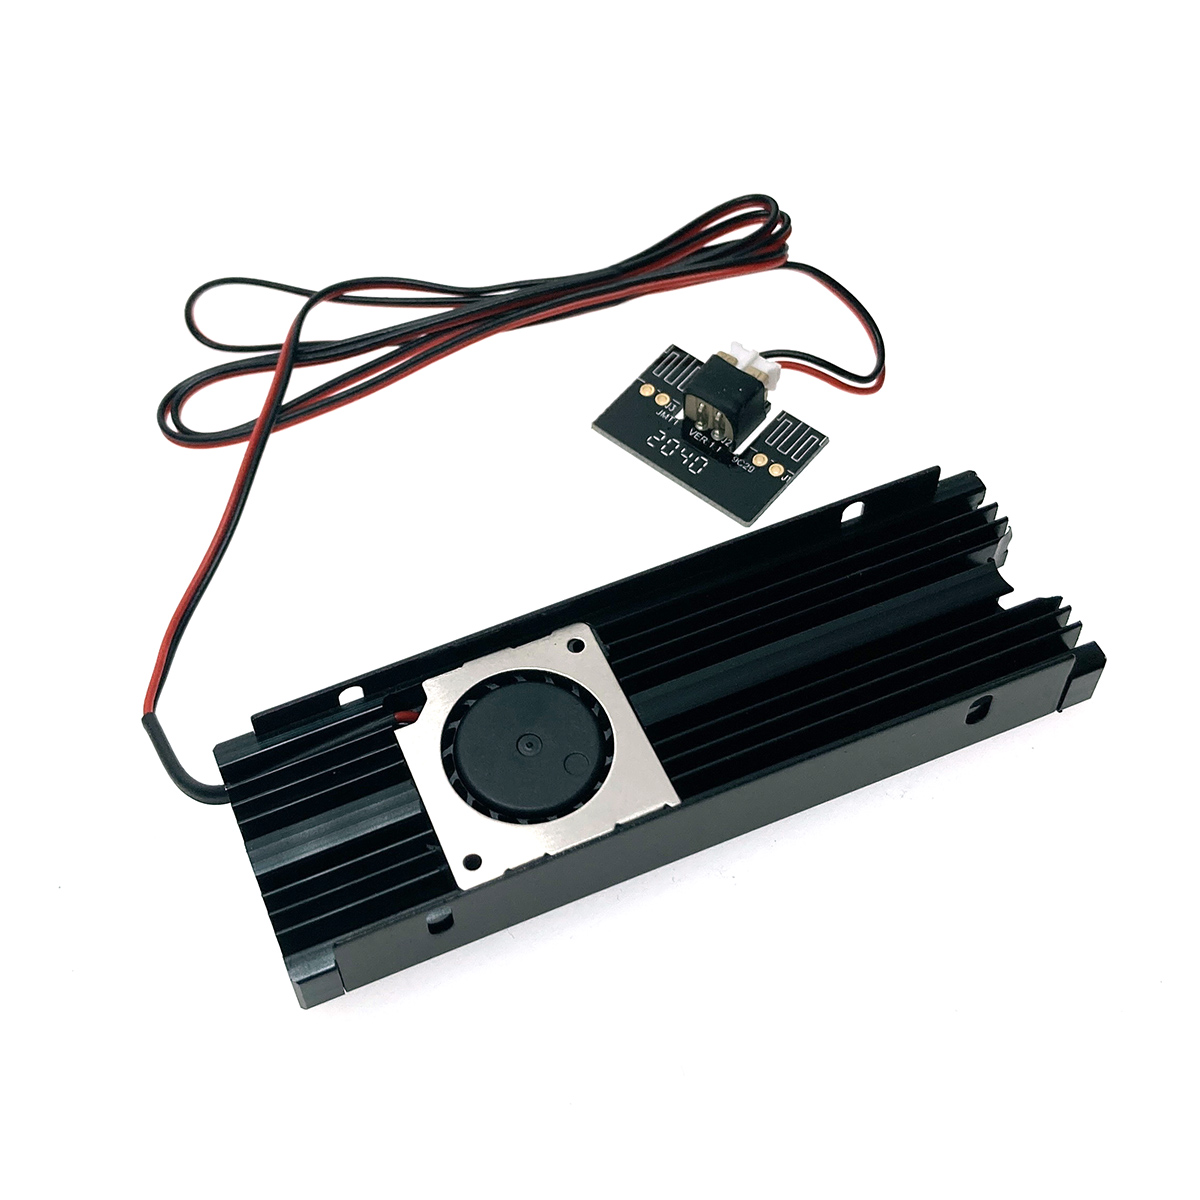 Радиатор для SSD М.2 2280 алюминиевый с активным охлаждением, модель ESP-R3